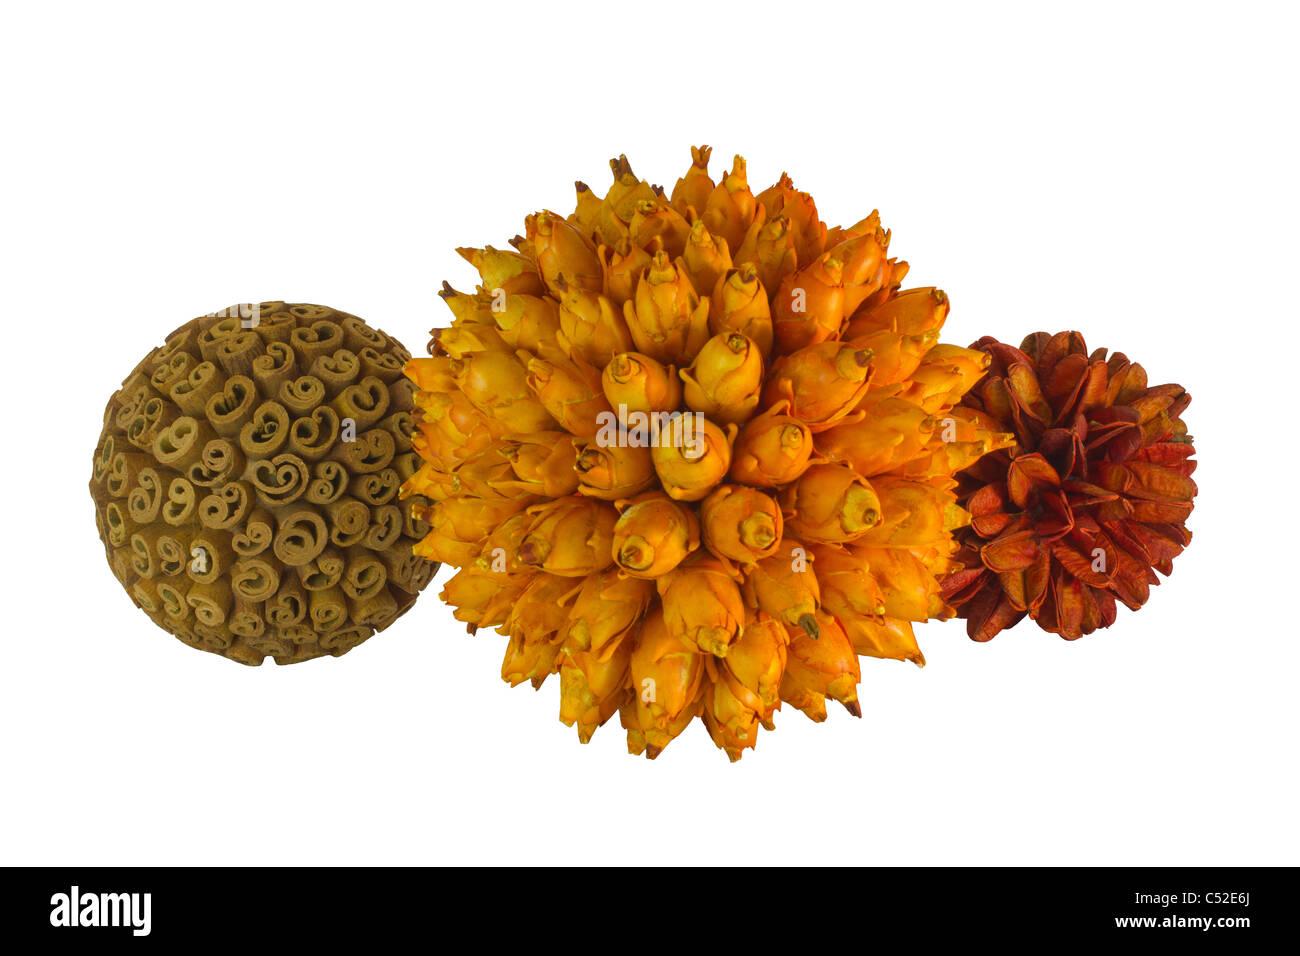 Handcraft ball of Brazilian seed - Stock Image